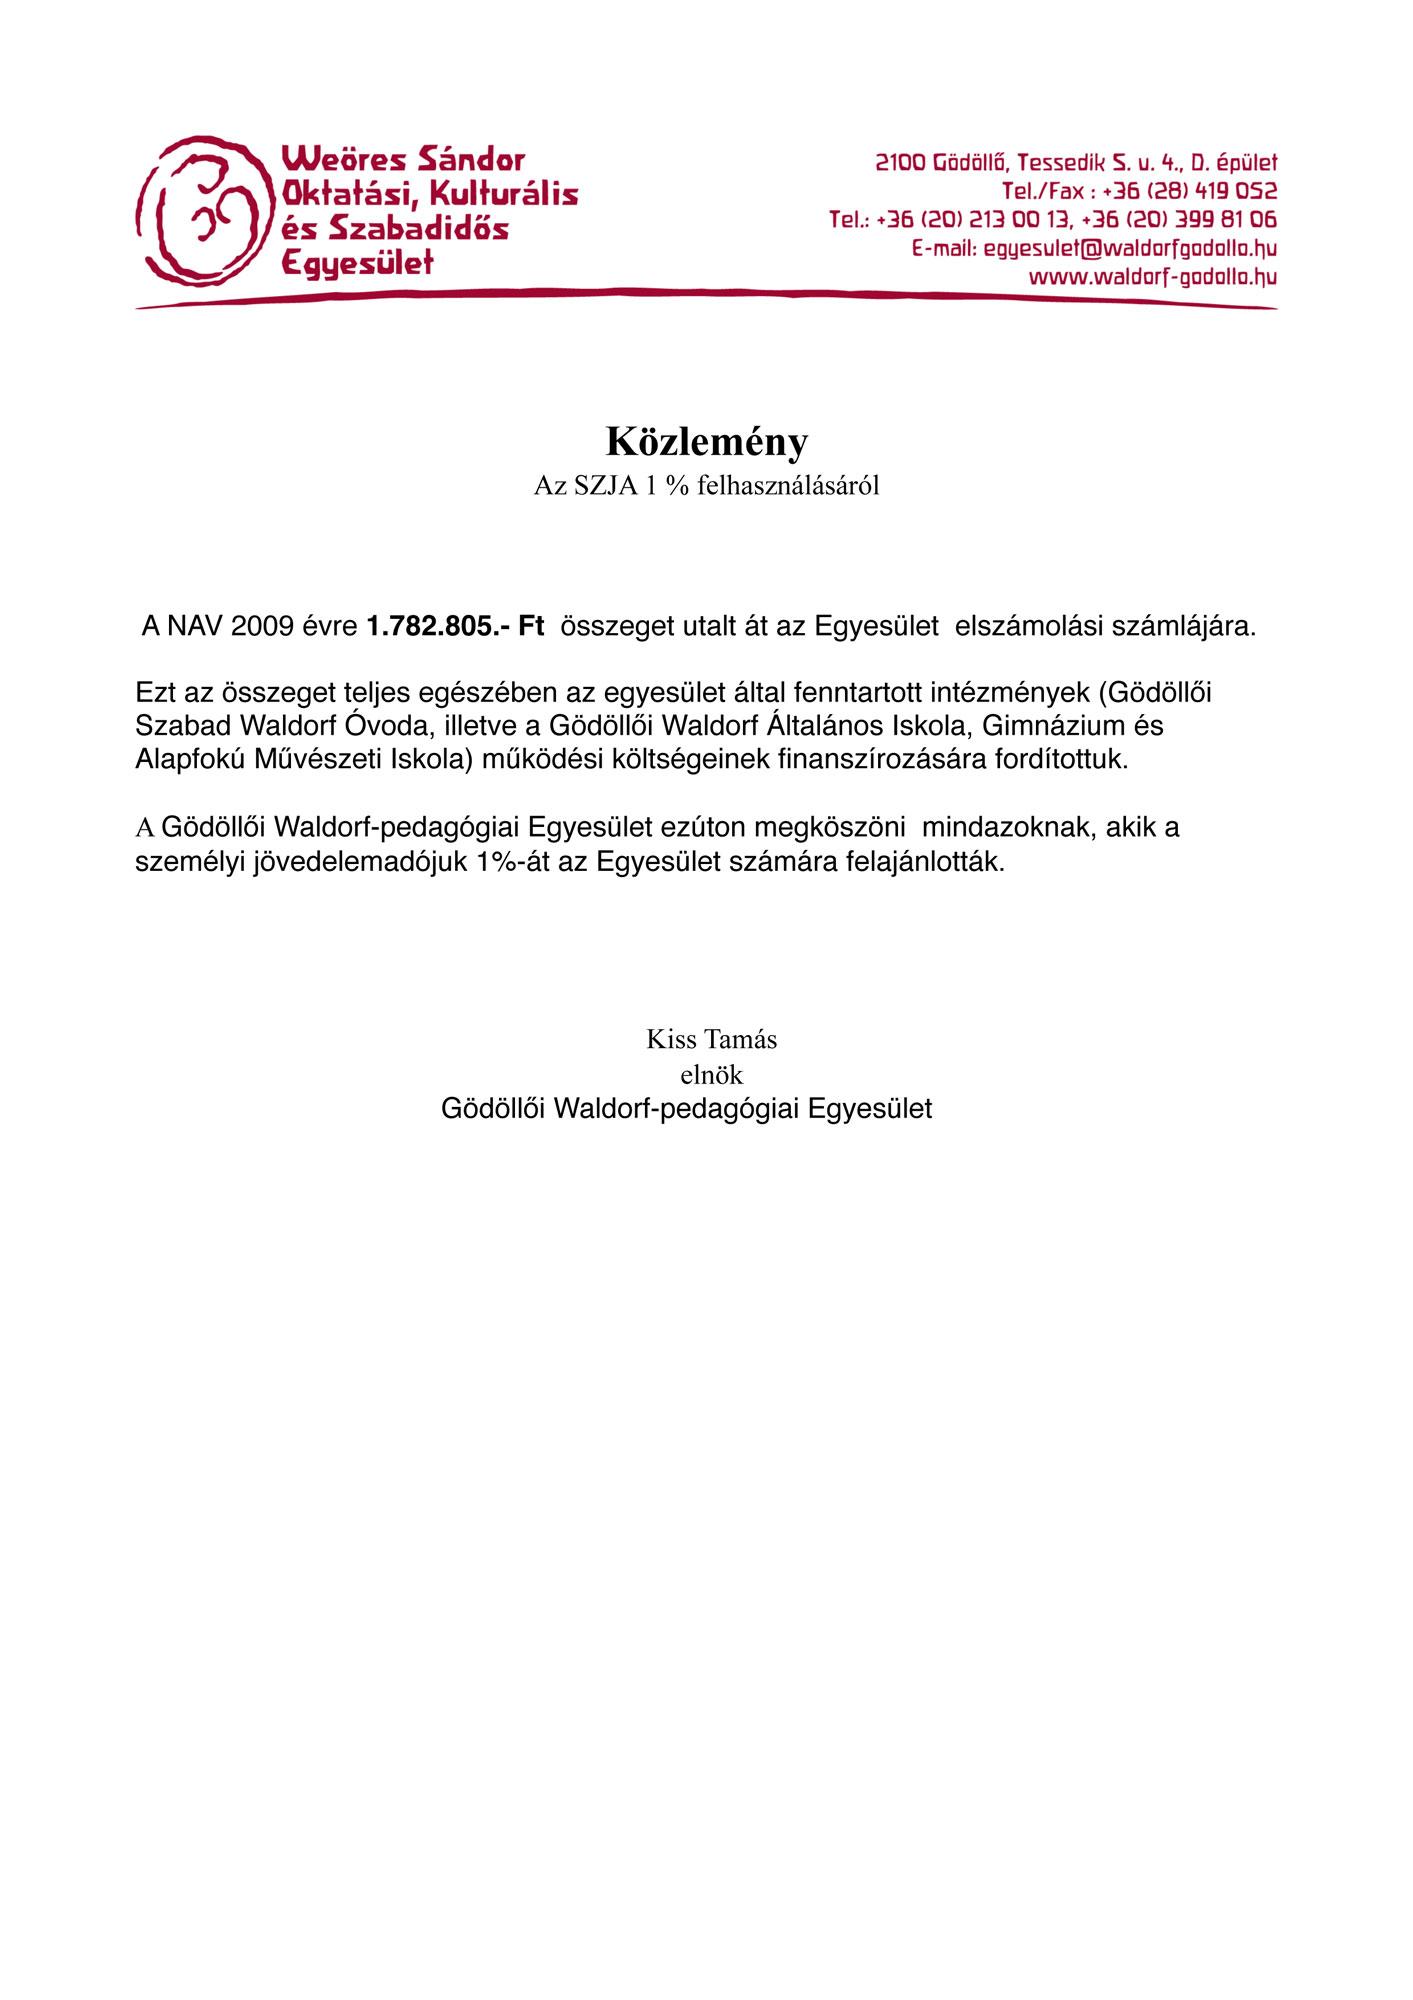 2009 évi felhasználási közlemény